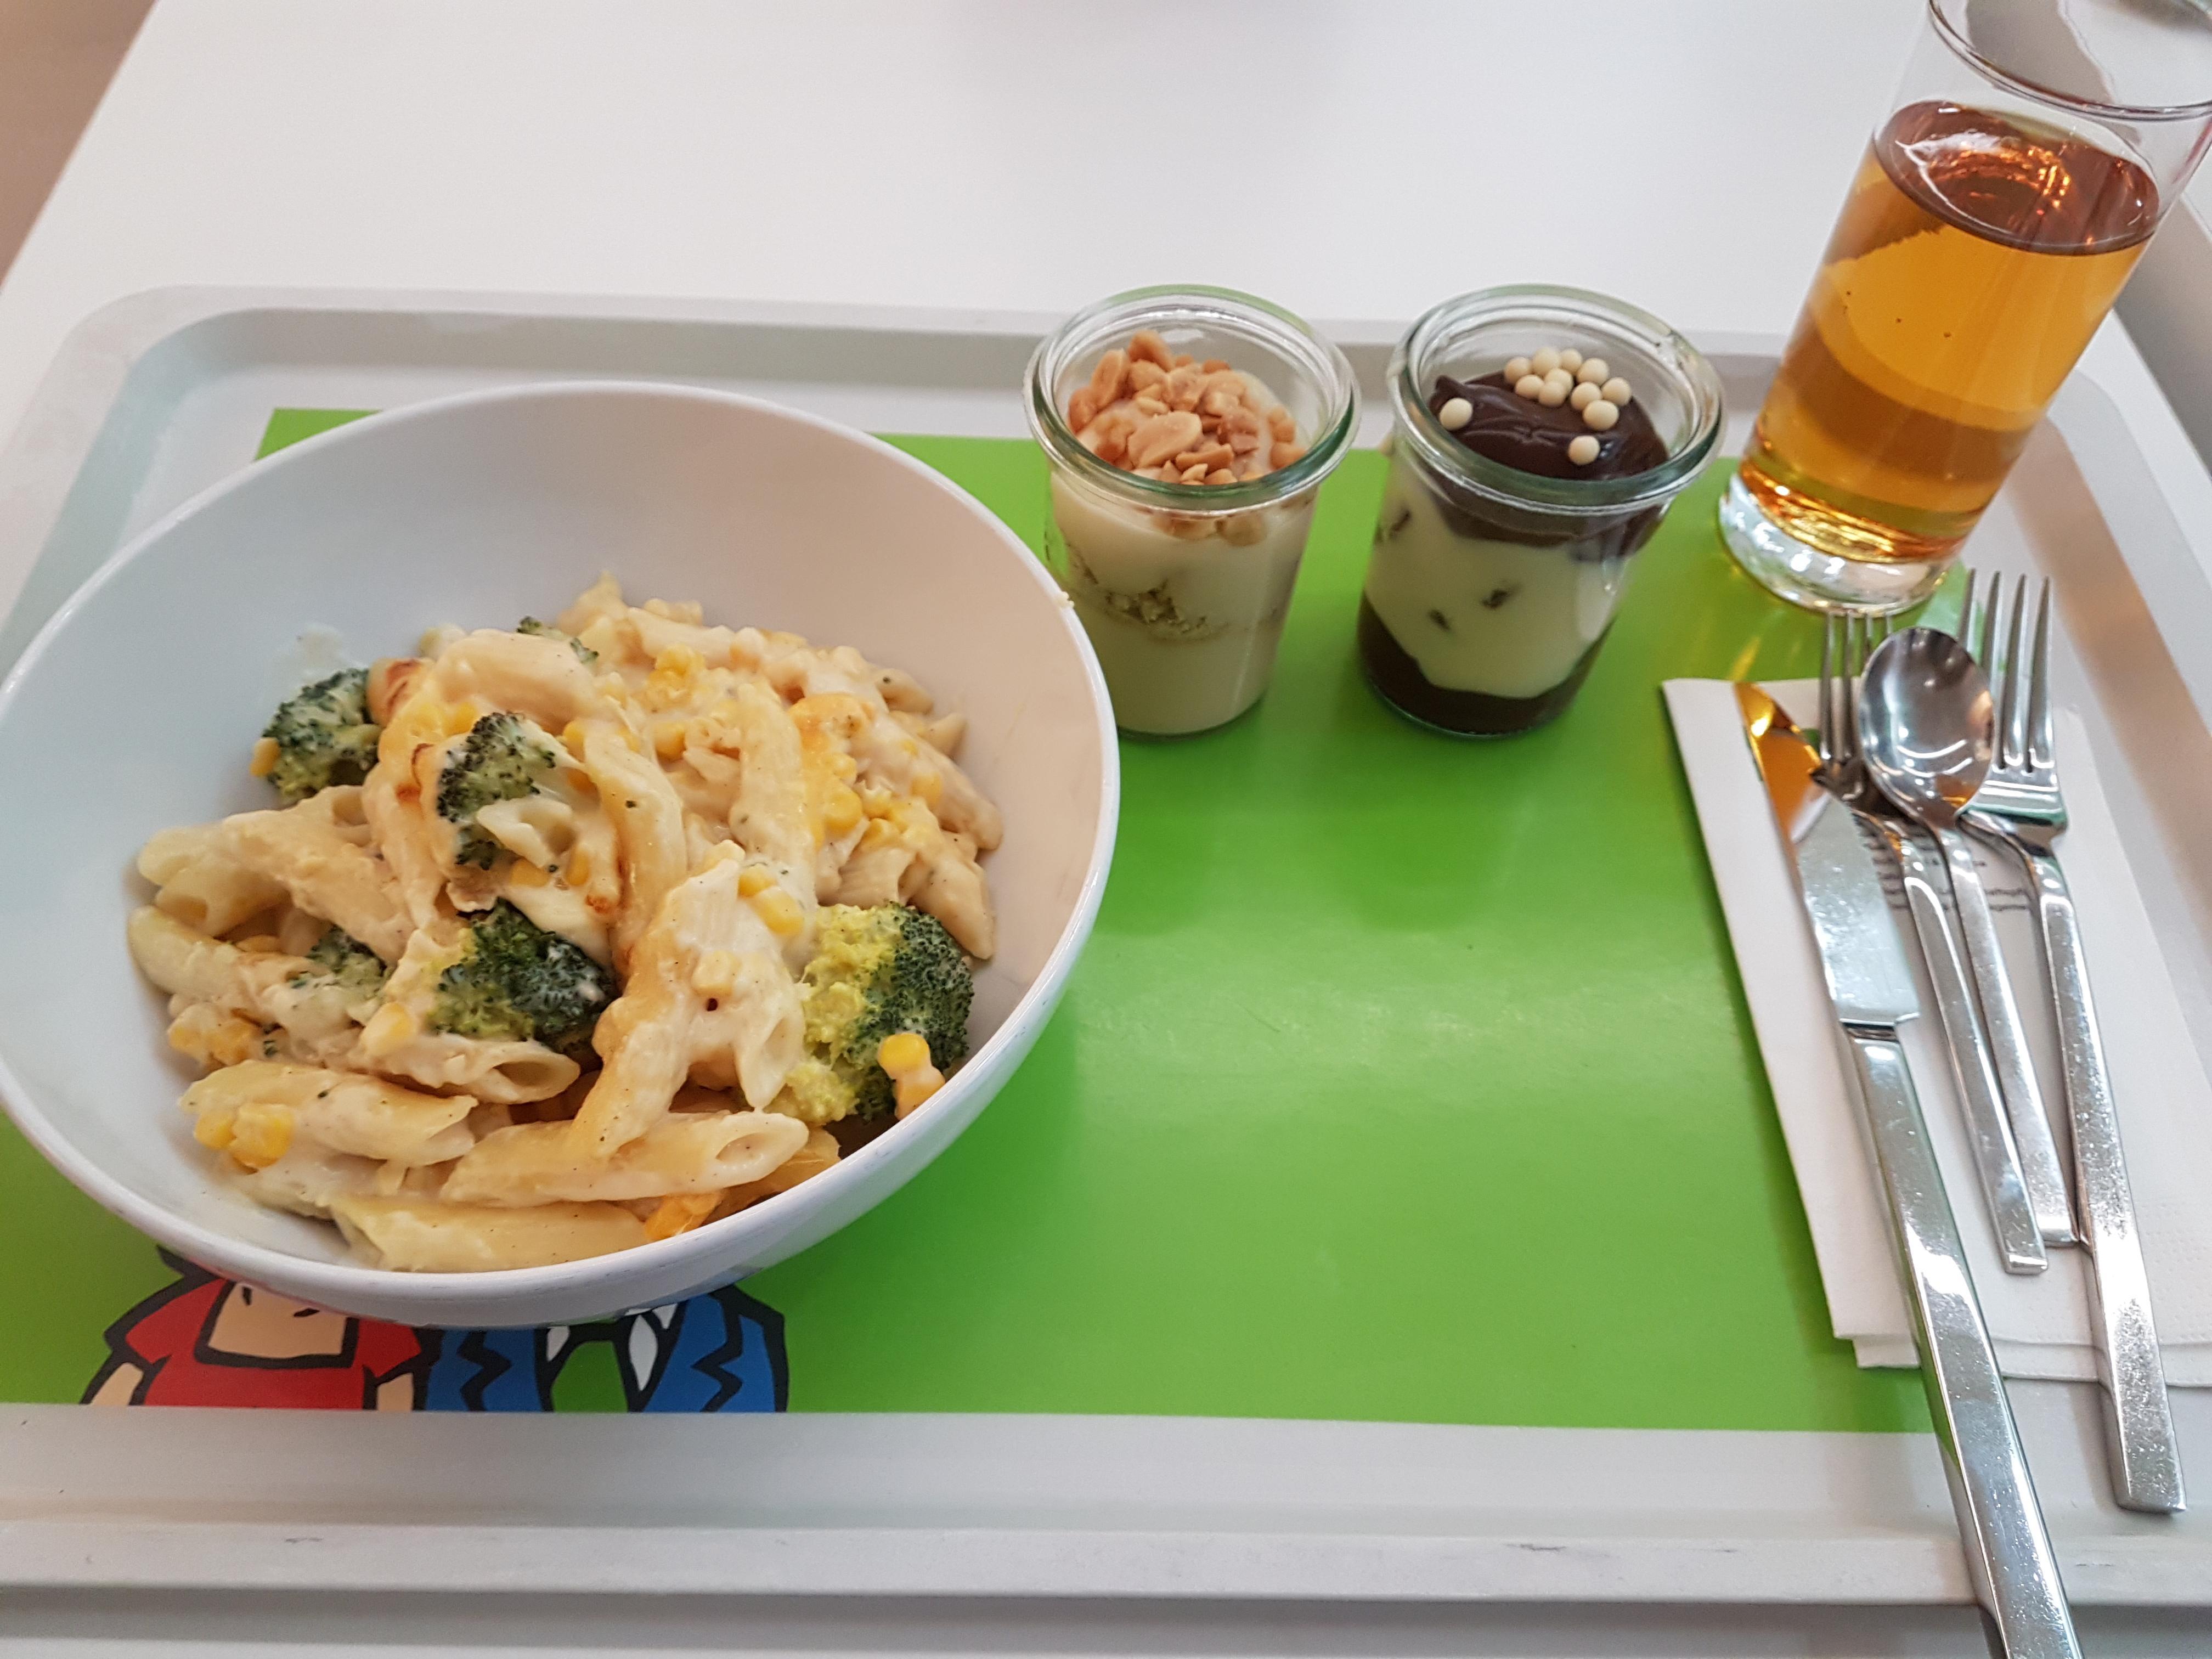 https://foodloader.net/Holz_2018-12-17_Nudelauflauf.jpg